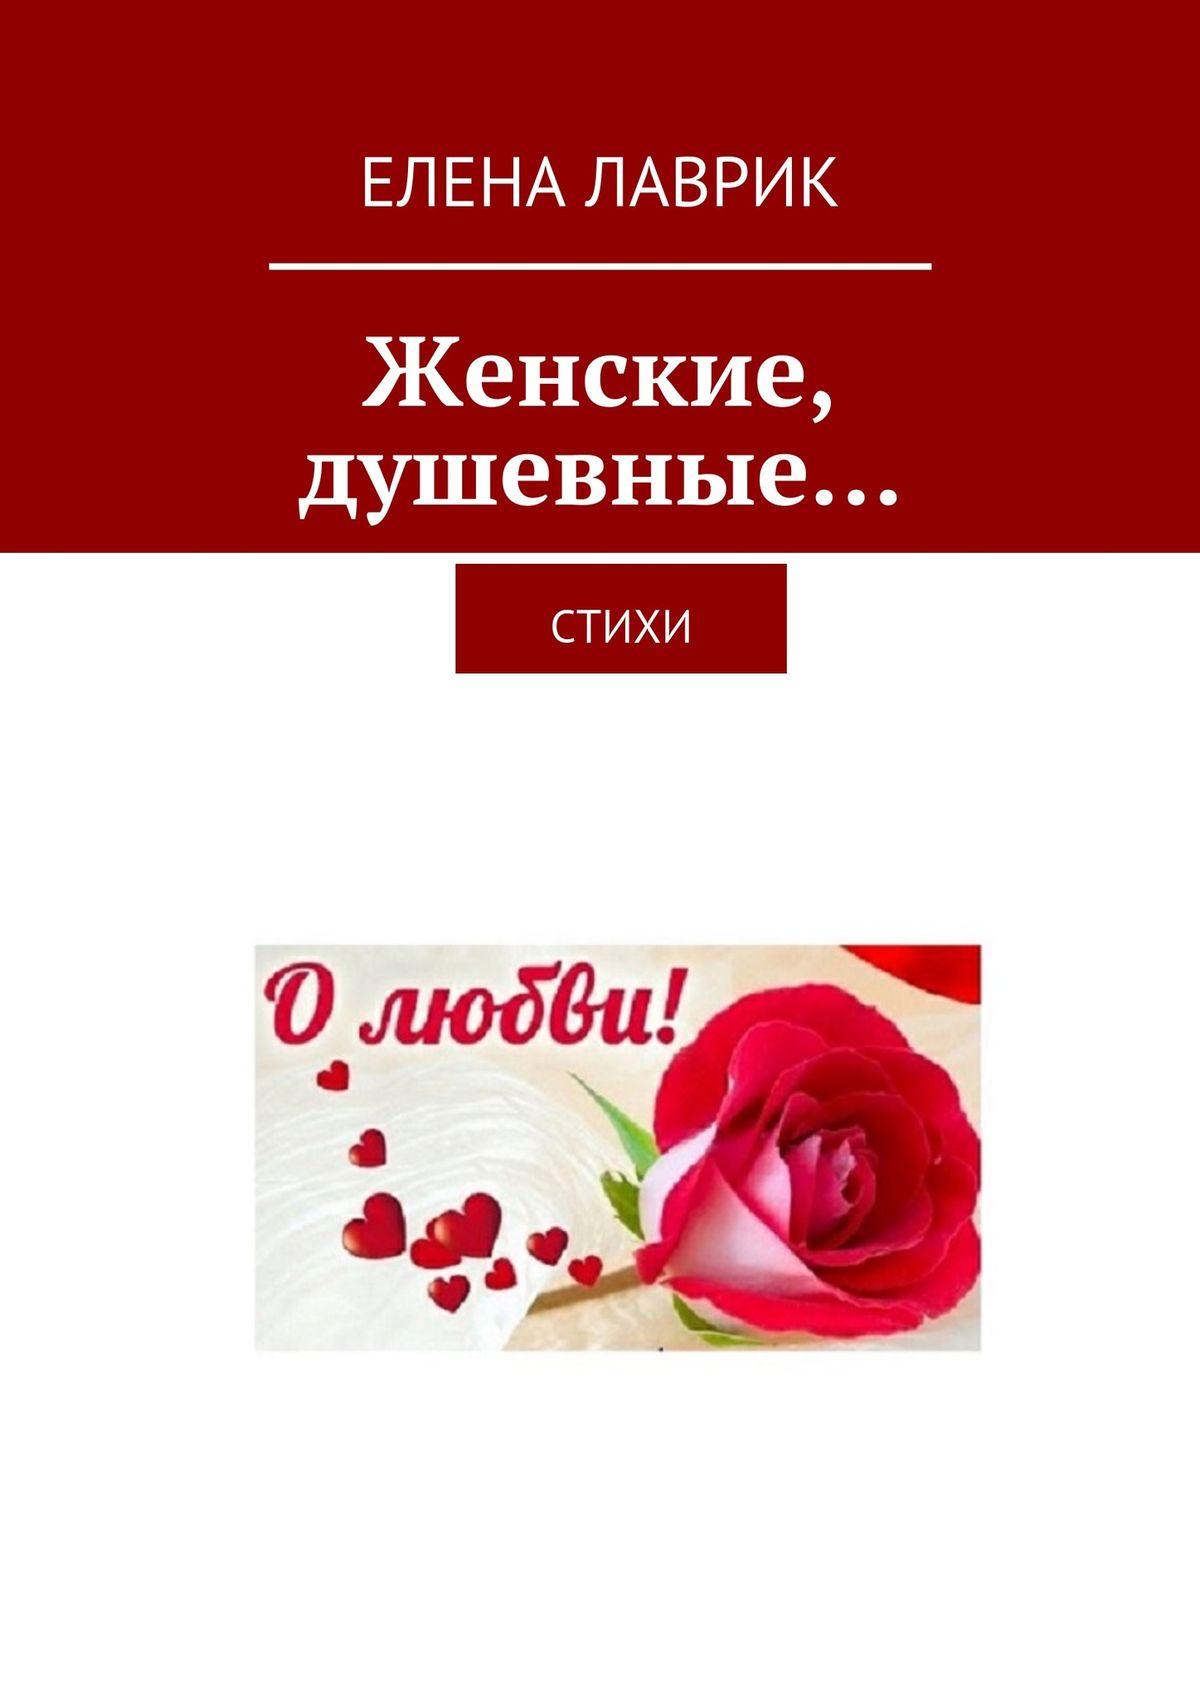 Елена Лаврик Женские, душевные… Стихи